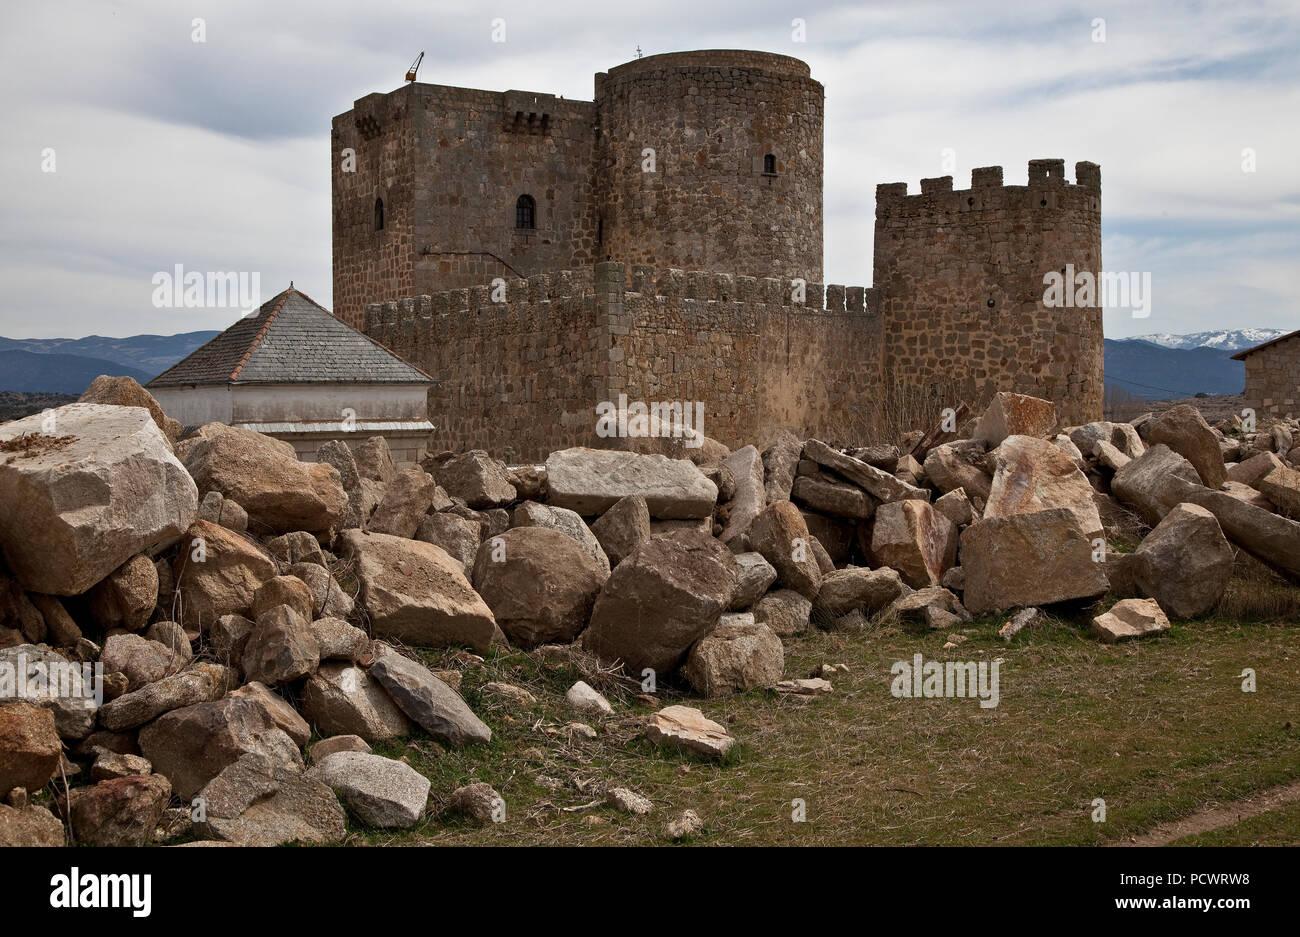 Landseite mit Bergfried und Mauerturm Stock Photo